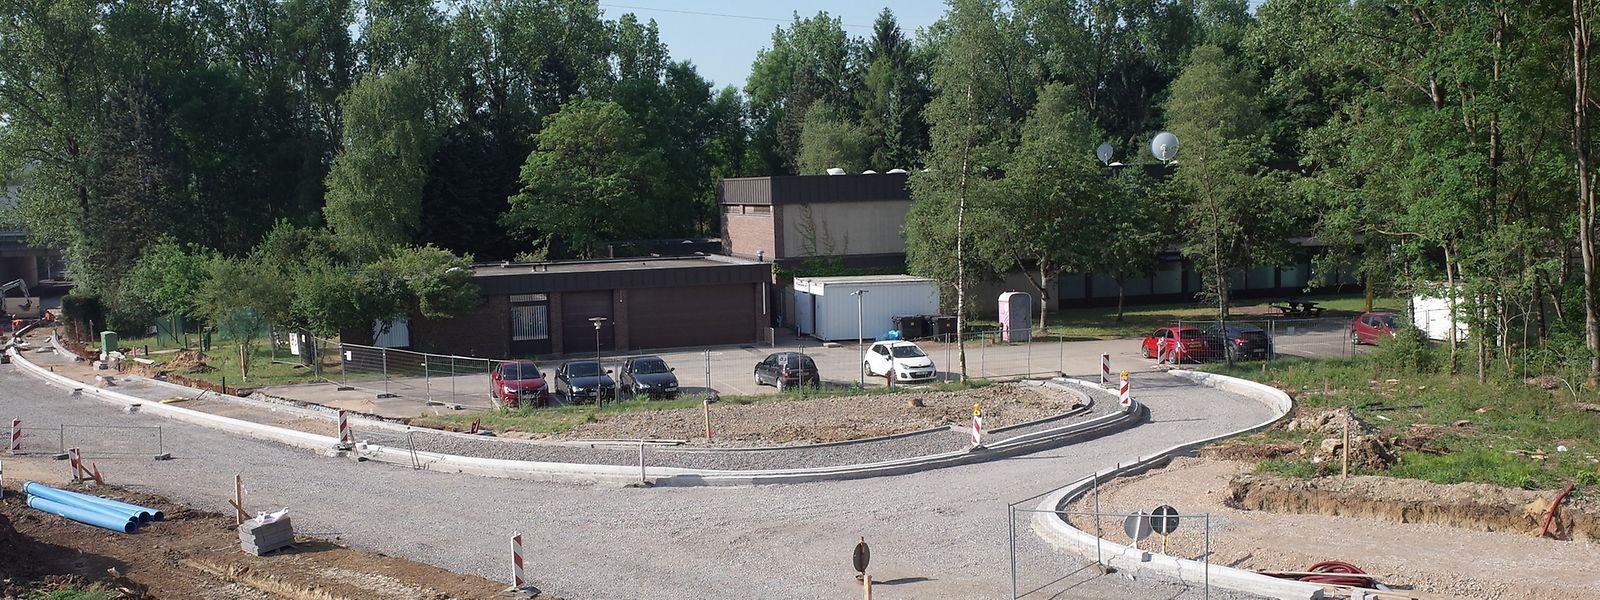 Derzeit wohnen 60 Personen in der früheren Ediff-Schule.